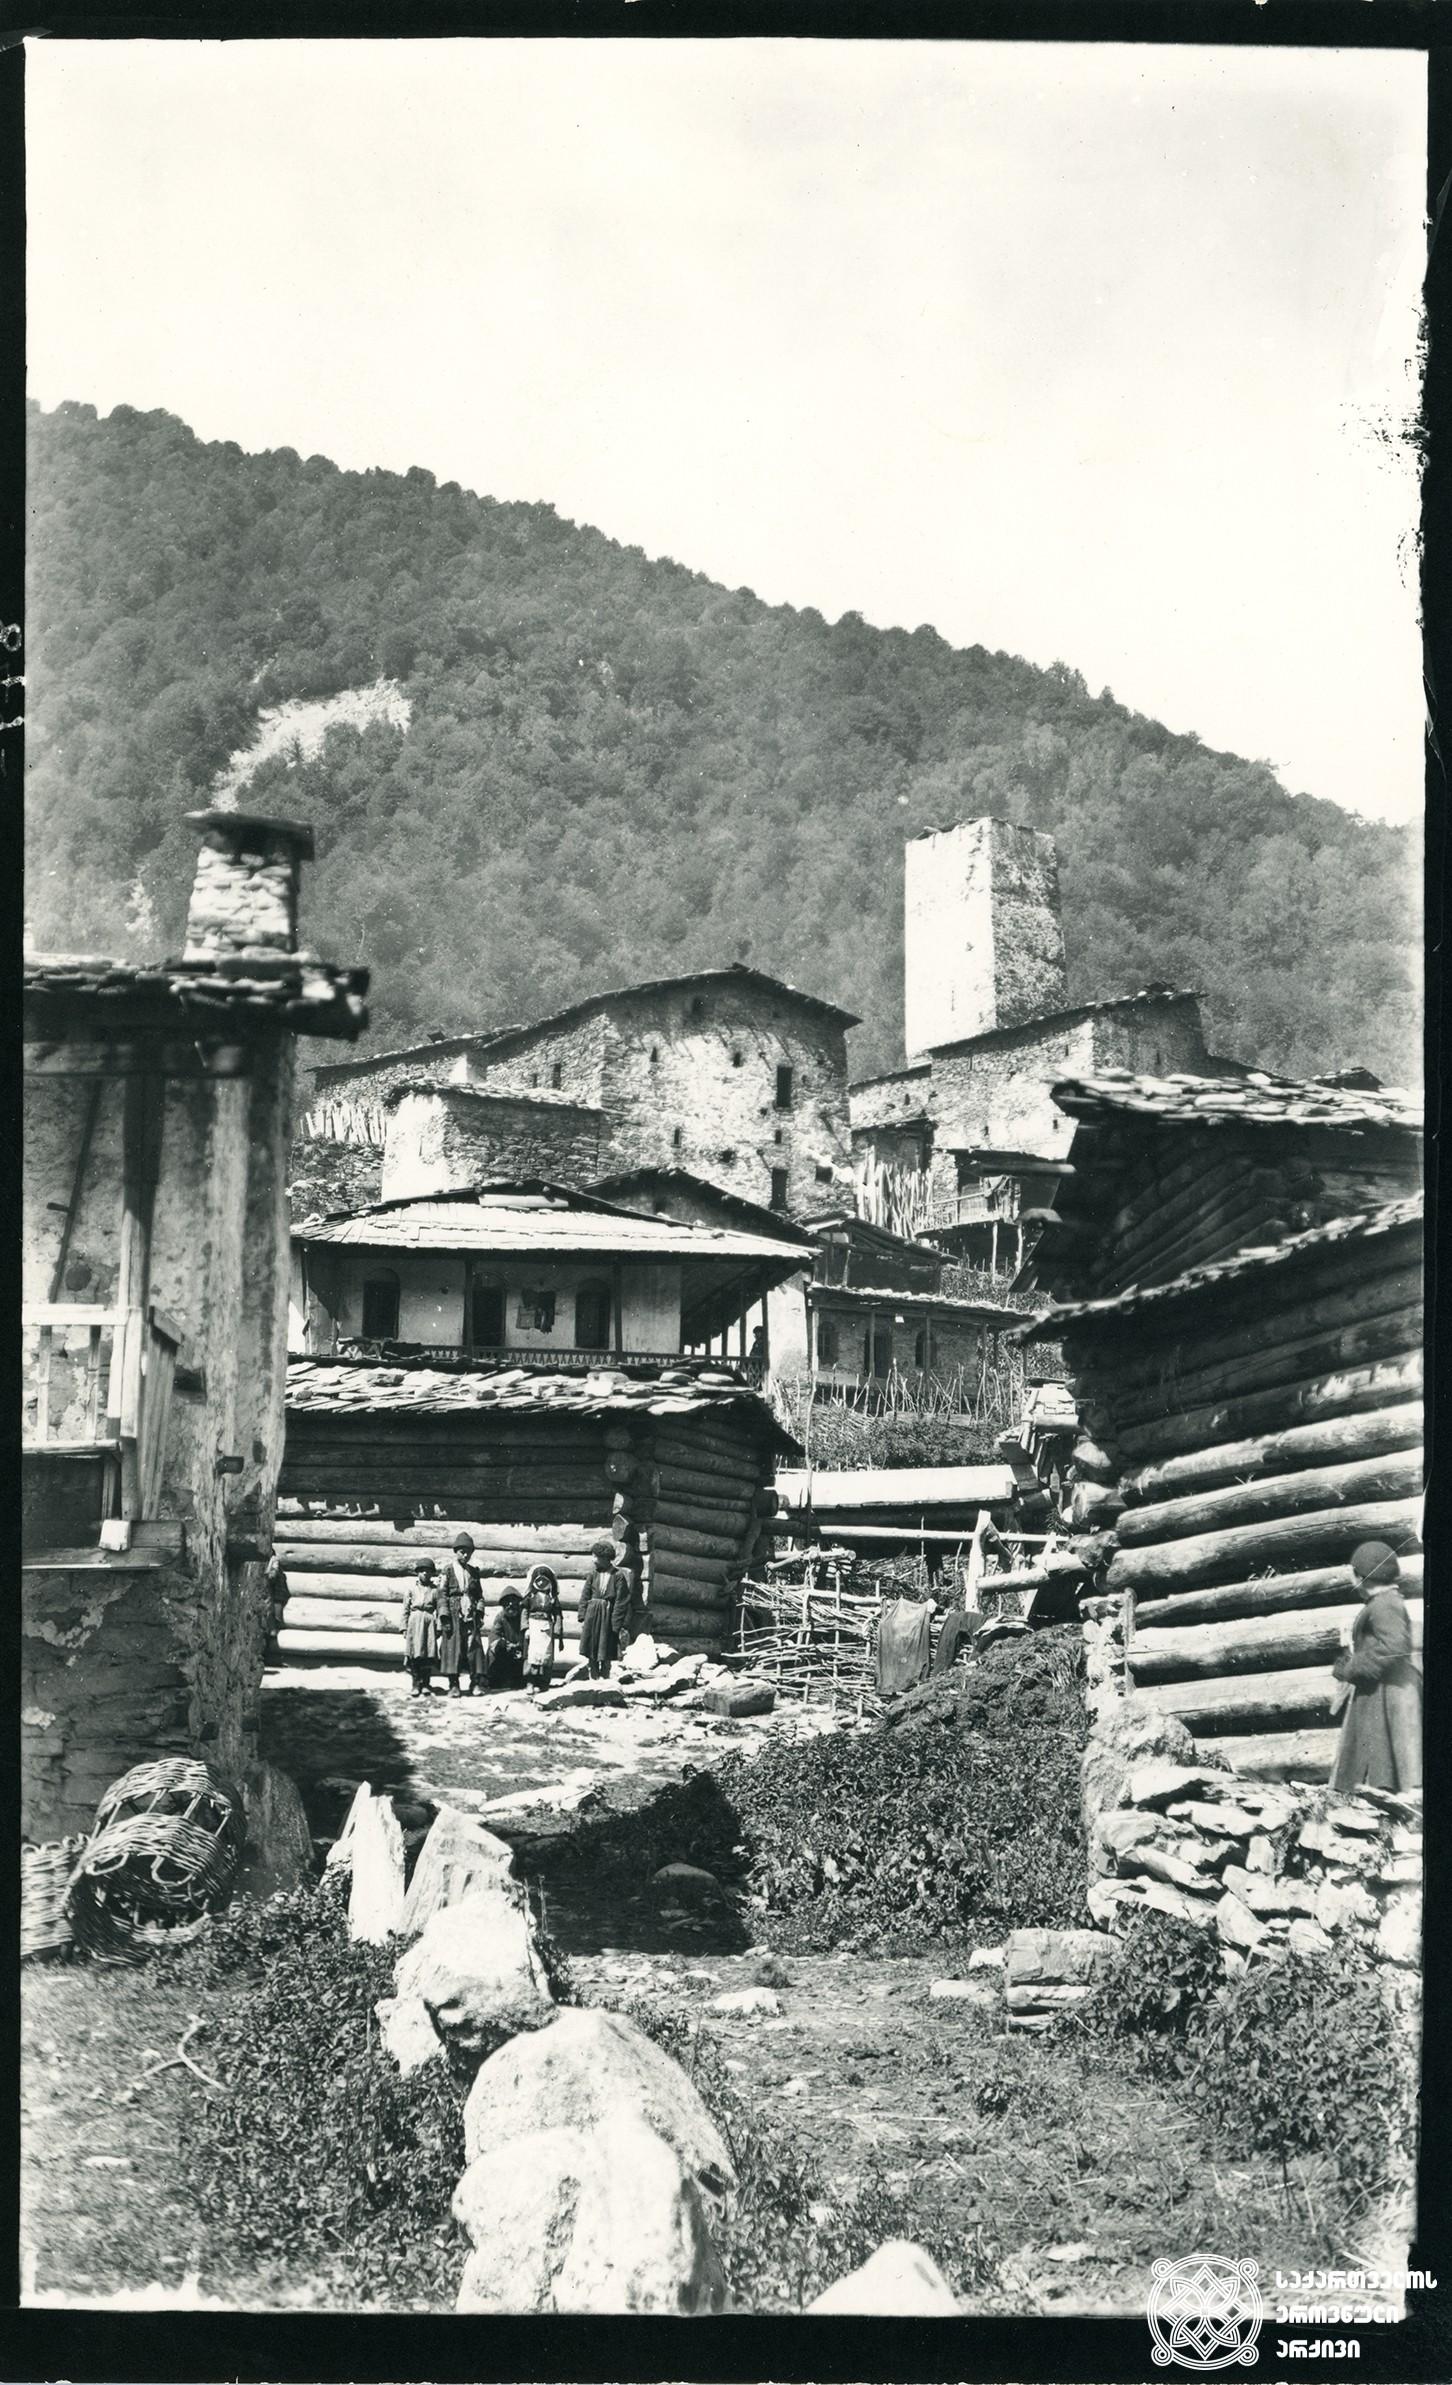 რაჭა, ღები. <br> Racha, village Ghebi. <br> 1890